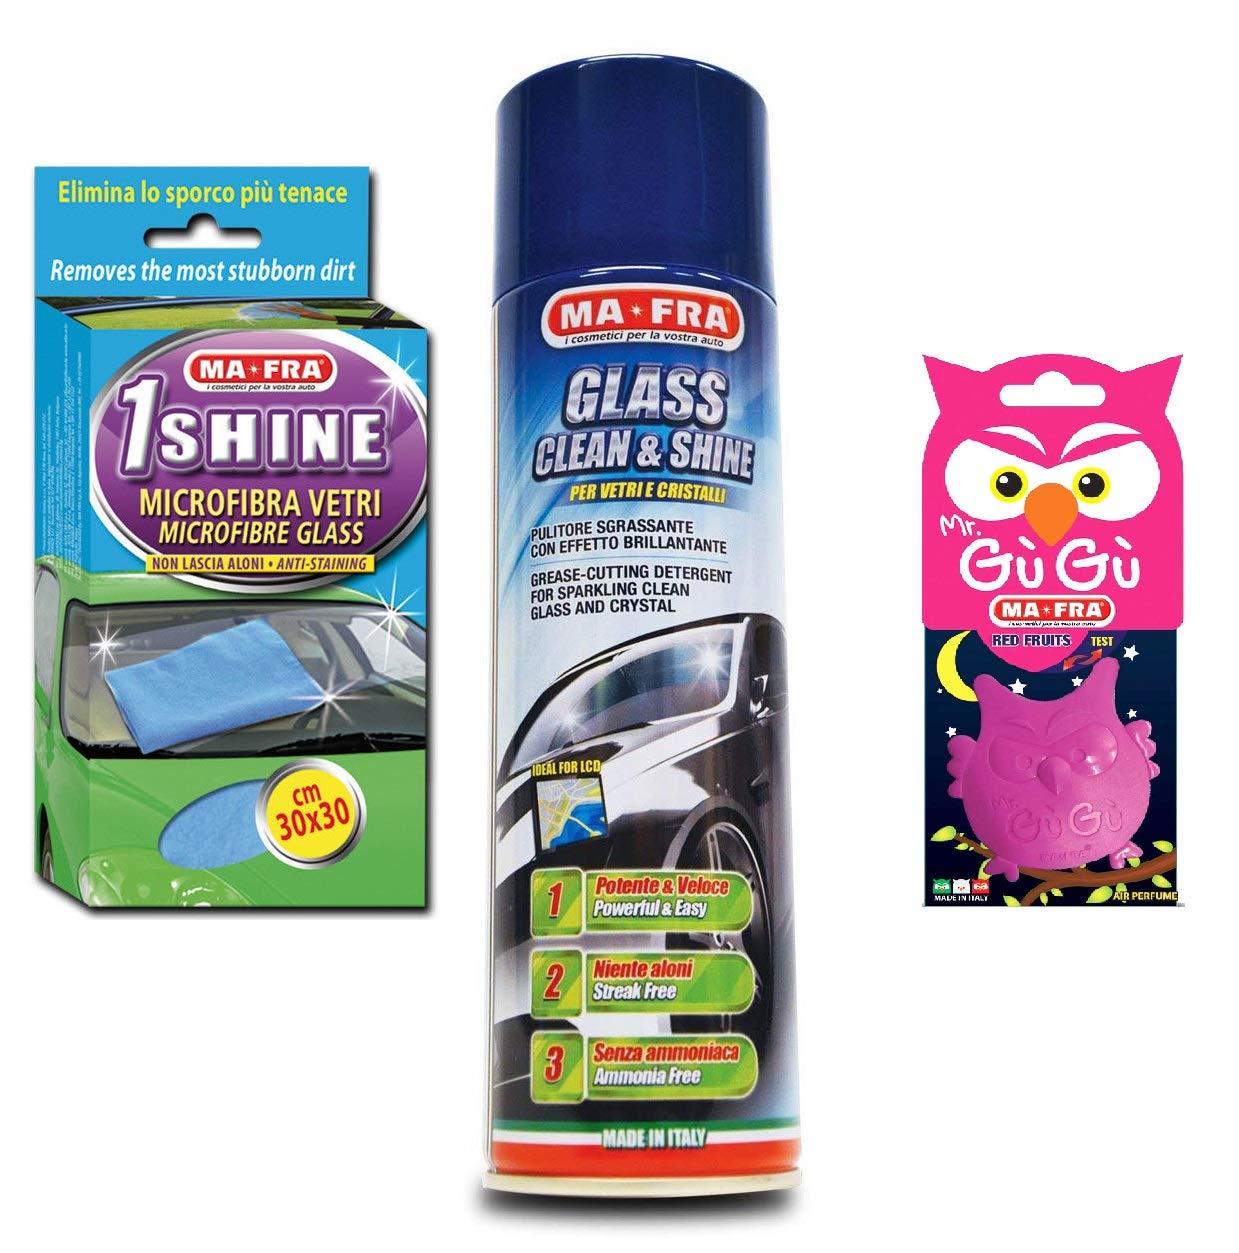 KIT PULIZIA AUTO MA-FRA detergente lucidante vetri panno 1shine PROFUMATORE IN REGALO HT